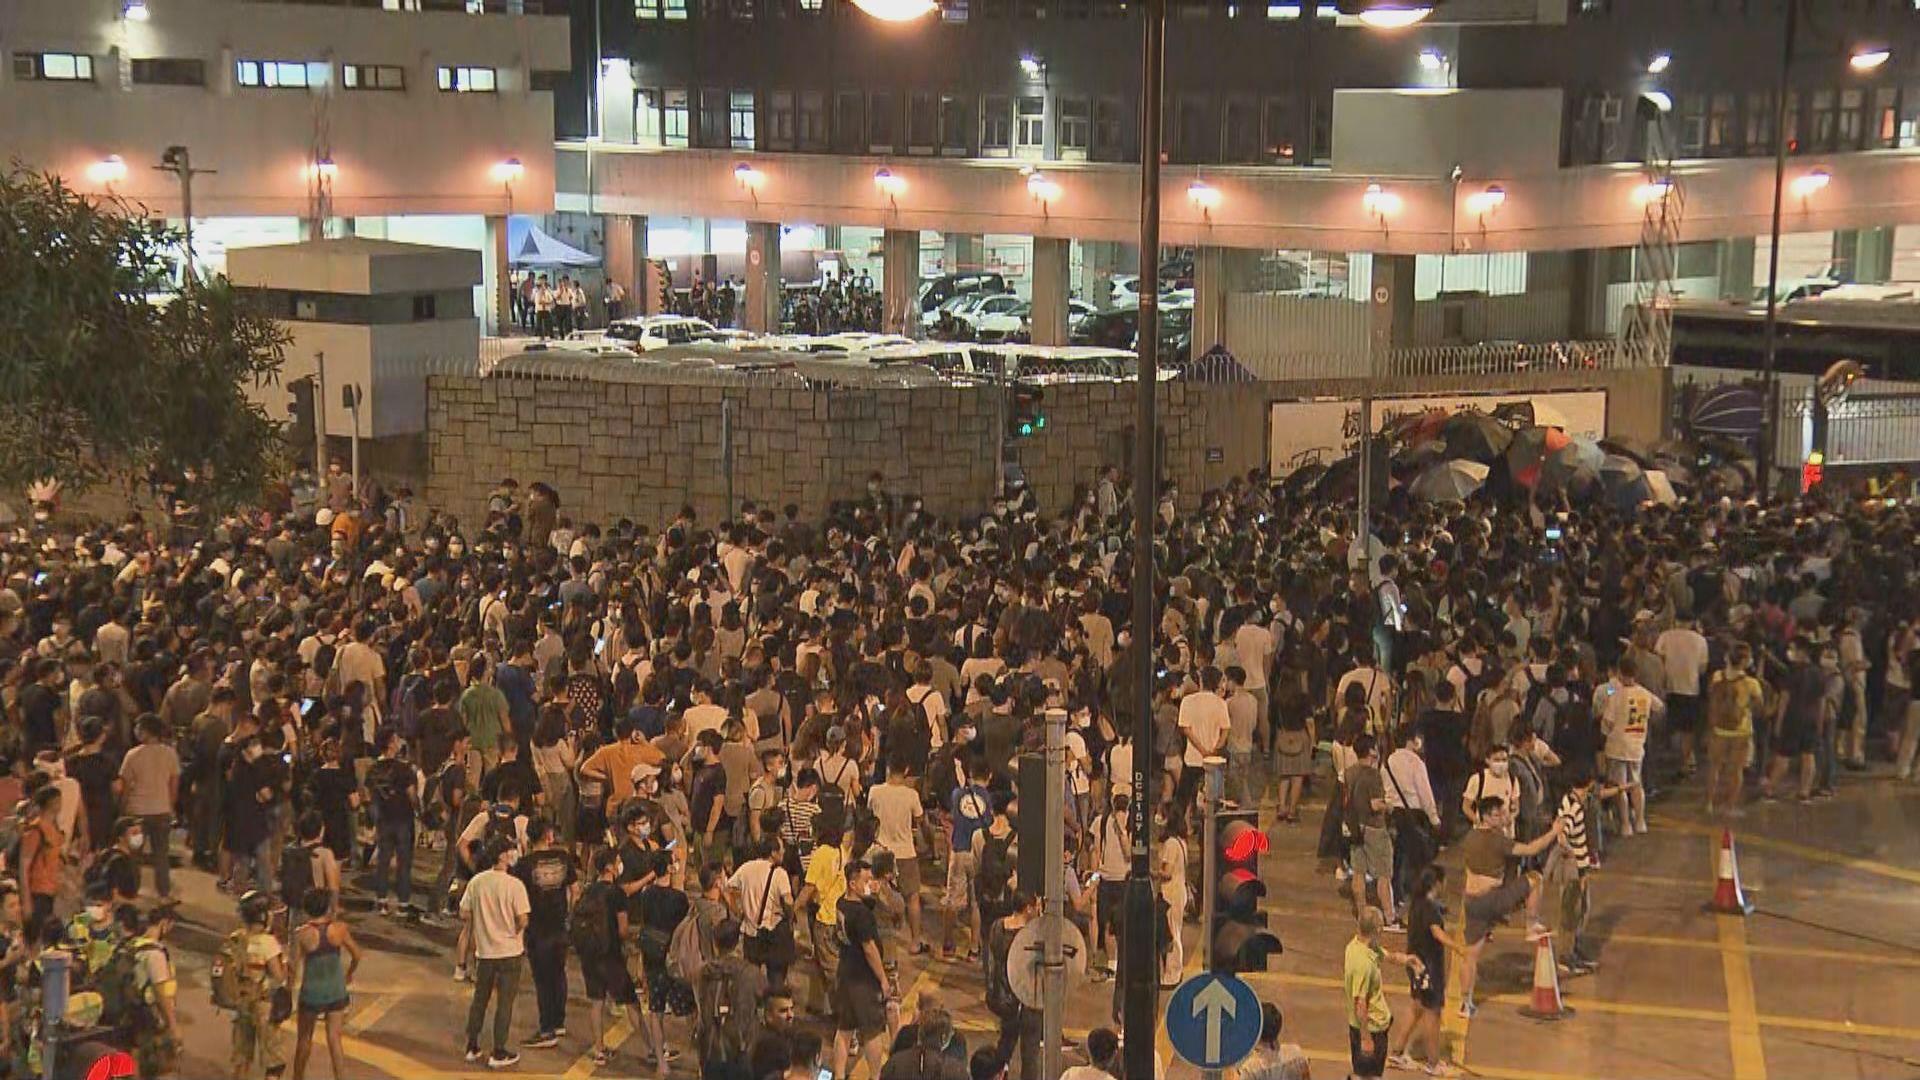 警方料葵青遊行或有暴力衝擊事件 反對申請